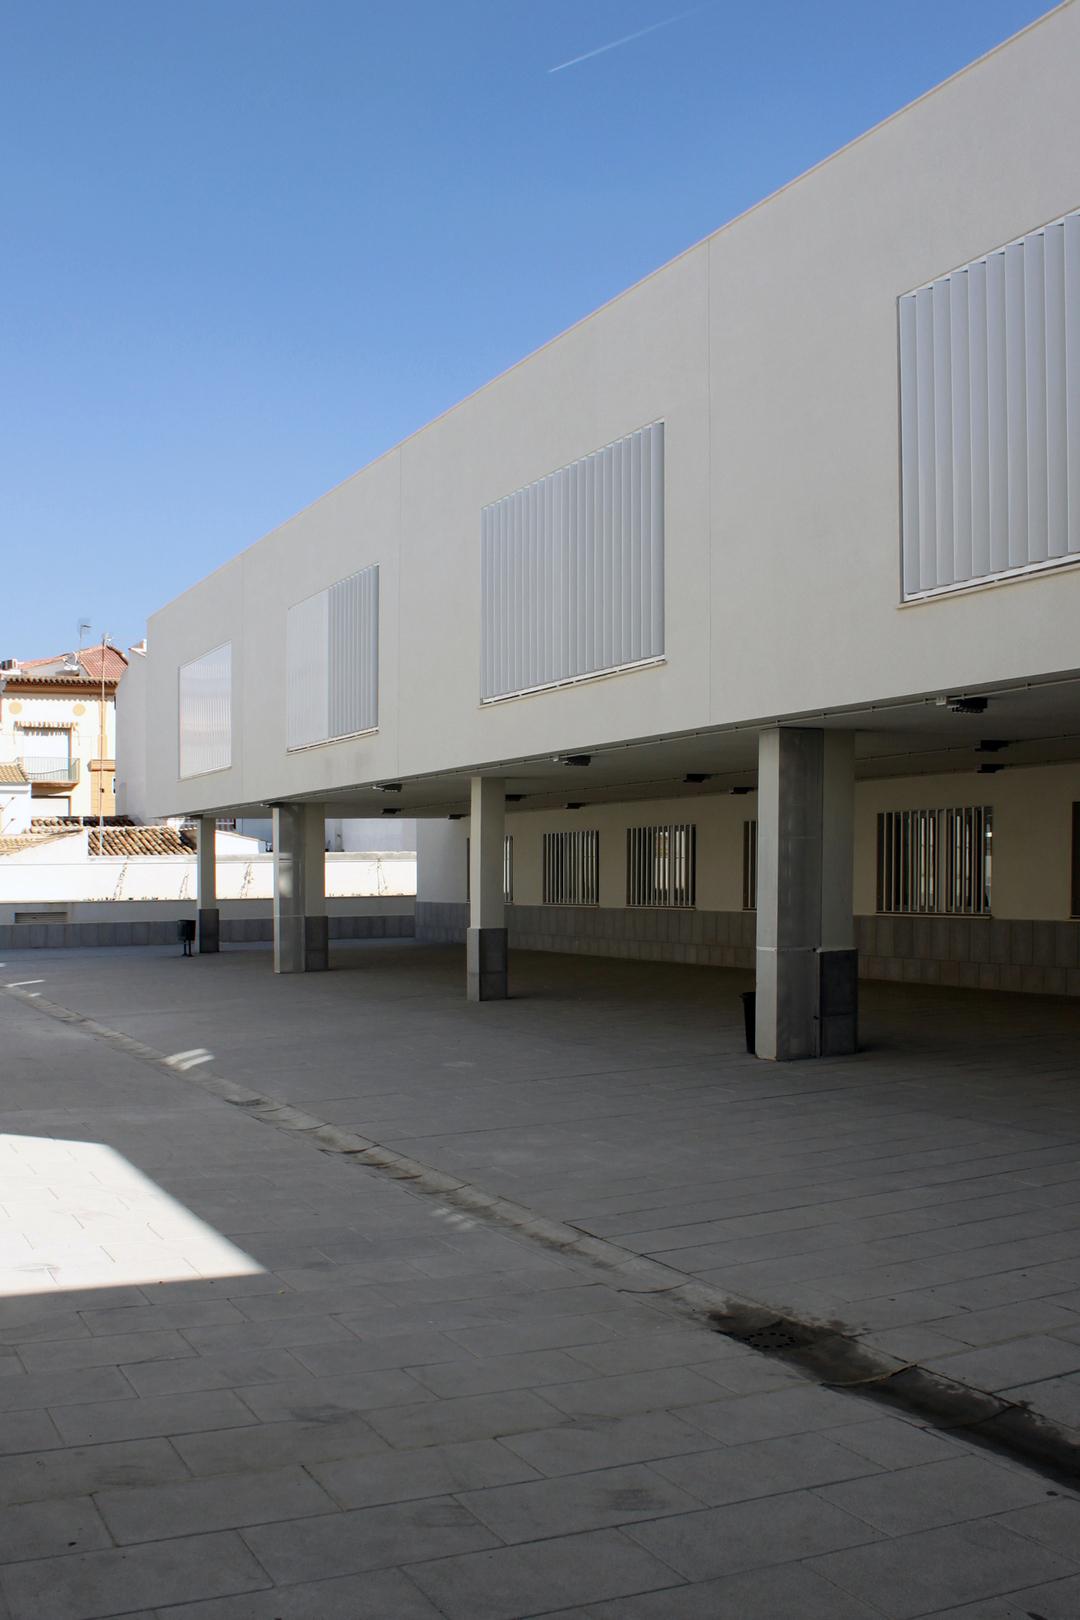 Instituto de ense anza secundaria en priego de c rdoba unia arquitectos - Arquitectos en cordoba ...